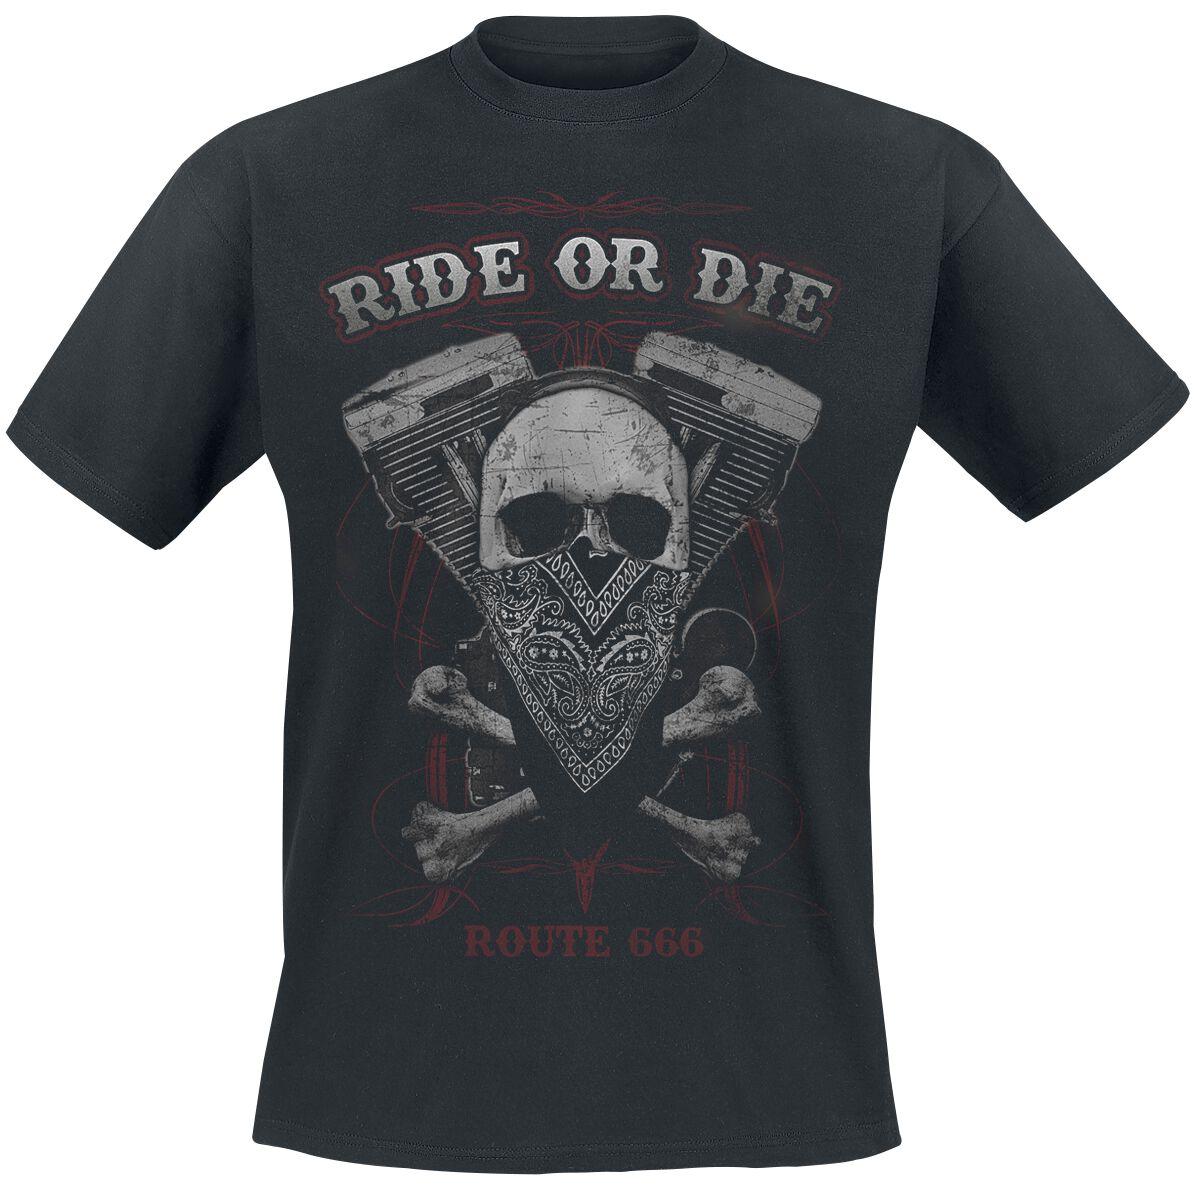 Ride Or Die Herren-T-Shirt schwarz